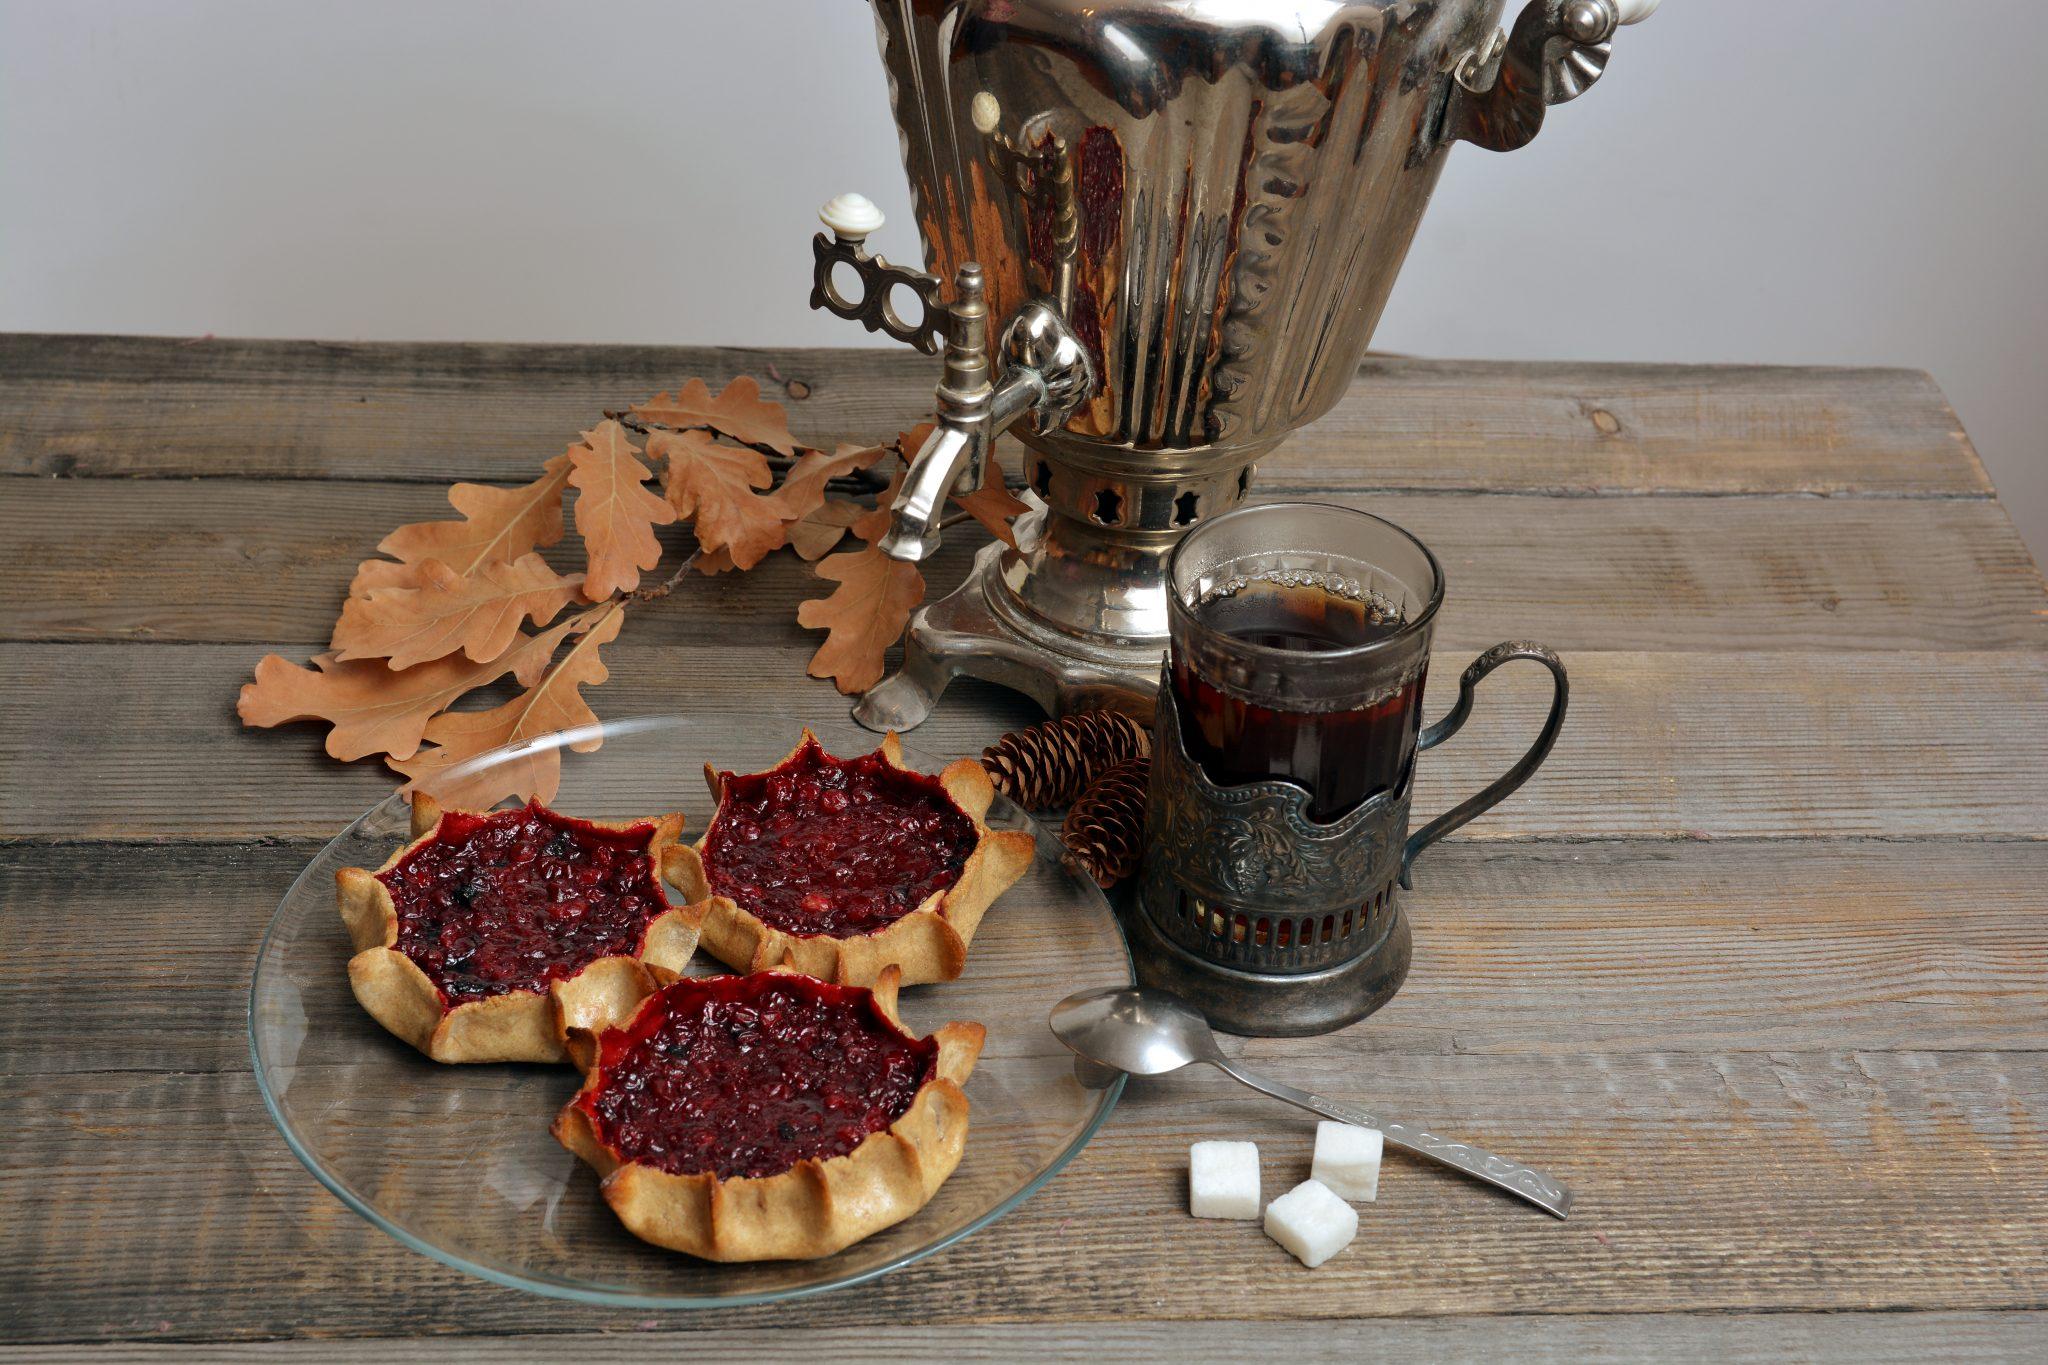 Ржанные калитки по коми-пермяцки: рецепт, ингредиенты, как приготовить